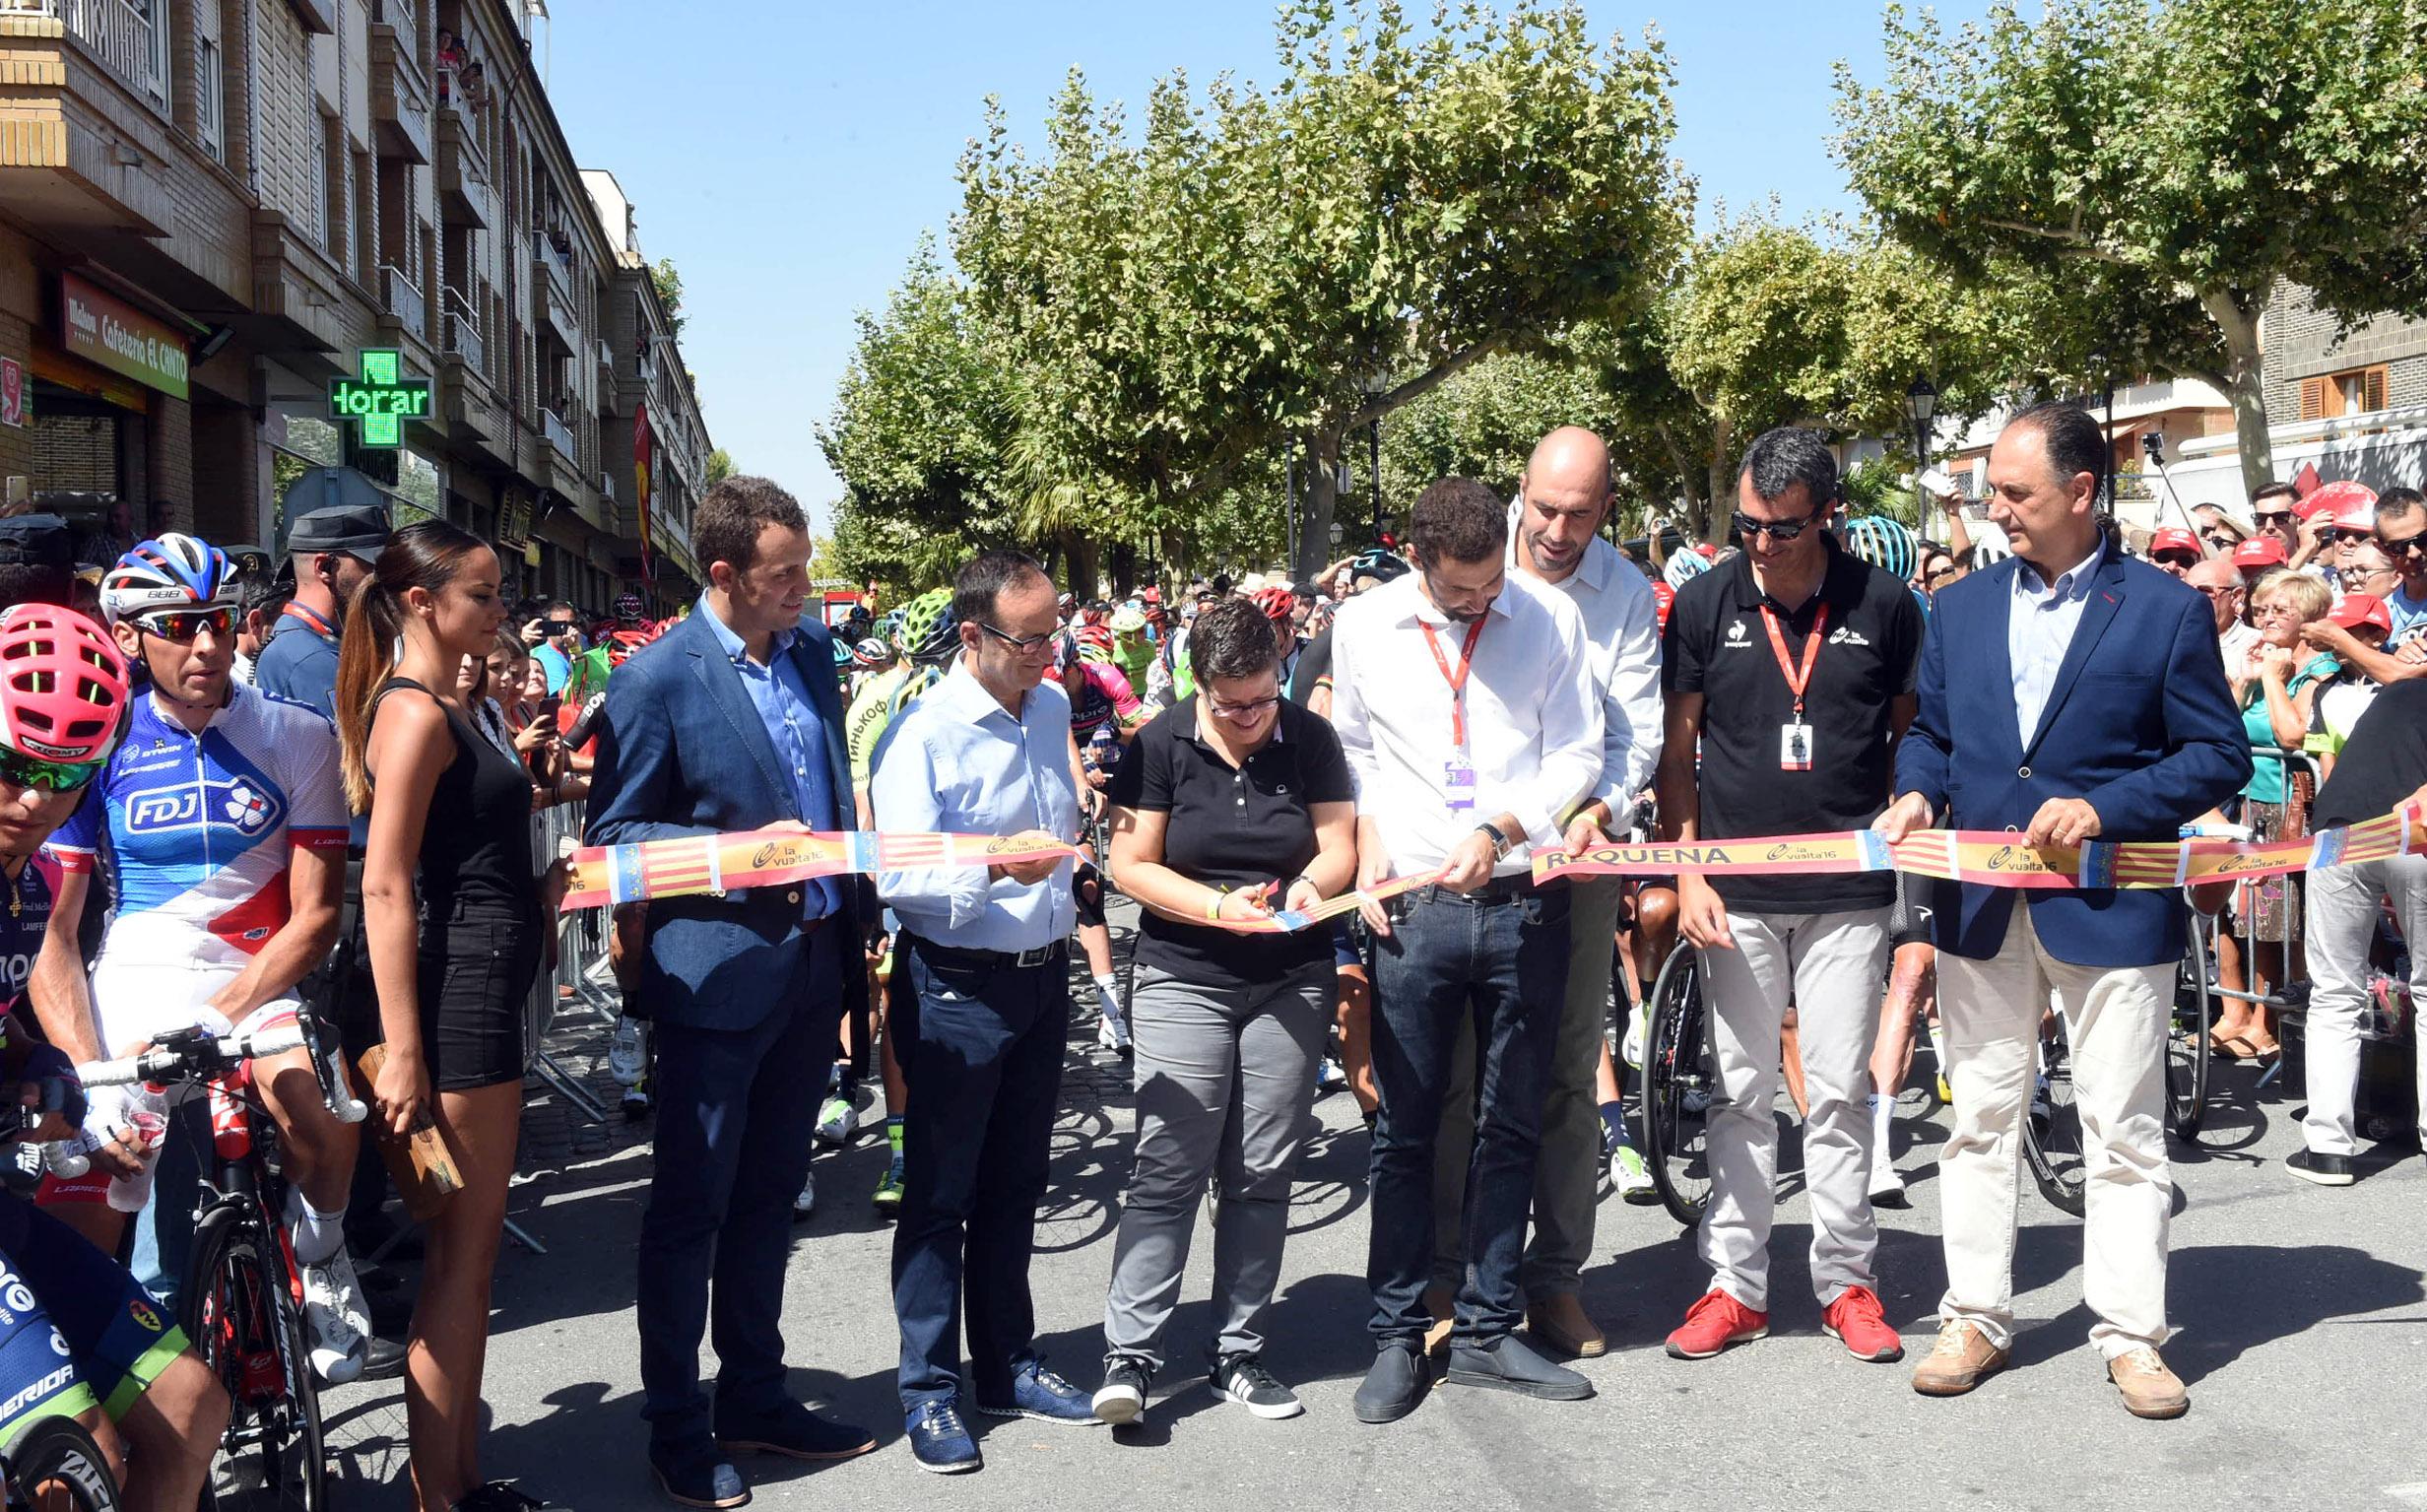 Momento de la salida de la Vuelta Ciclista a España desde Requena.